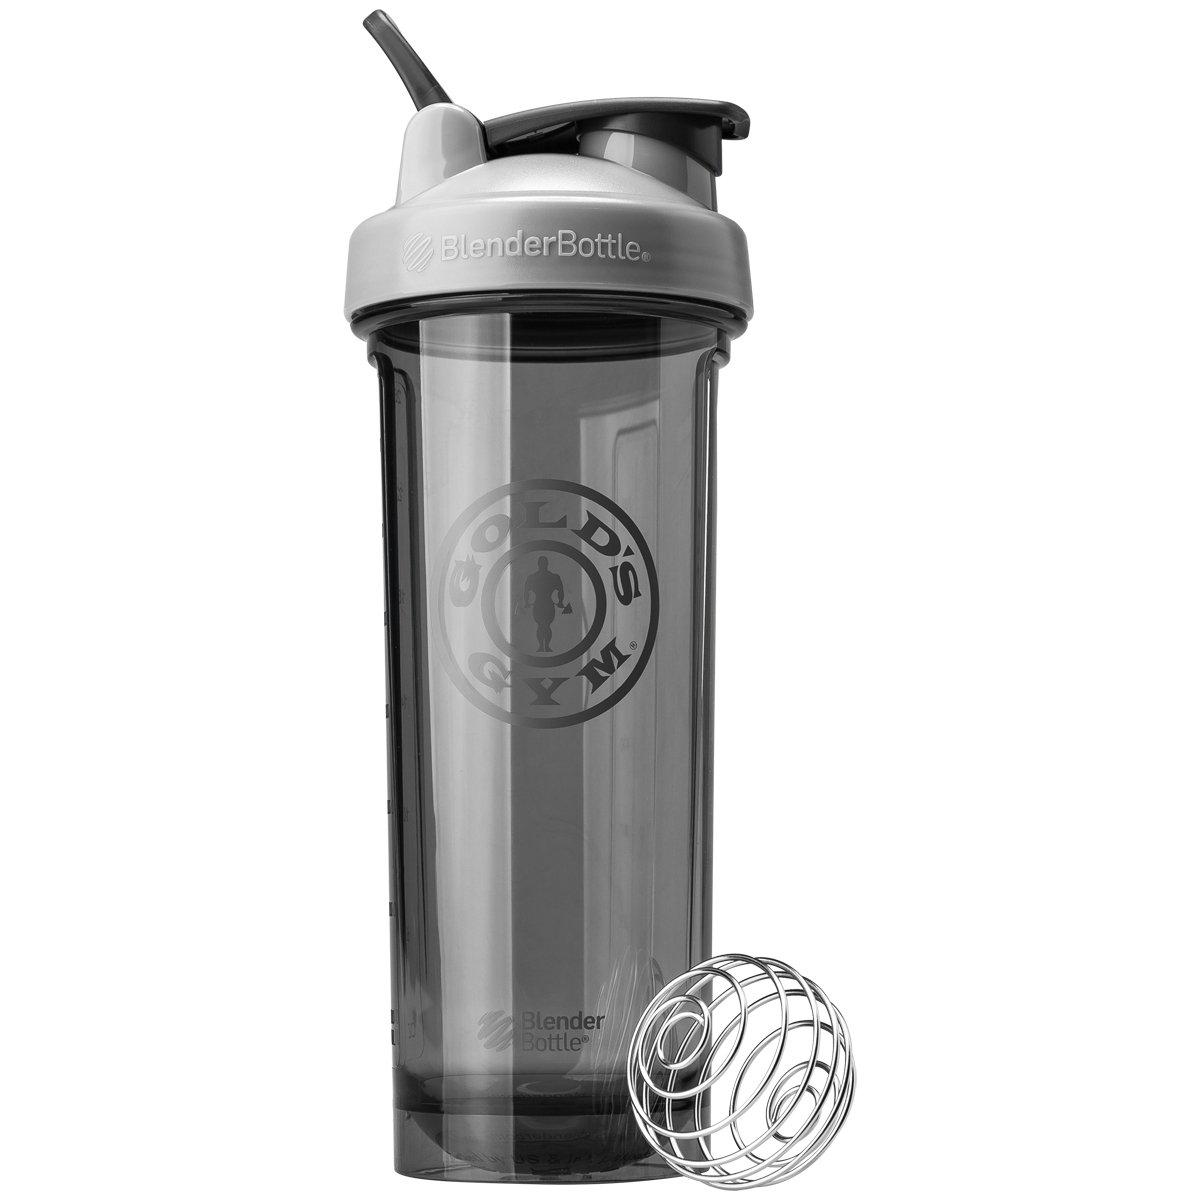 Blender Bottle Gold's Gym Pro 32 oz. Shaker Bottle with Loop Top - Gray